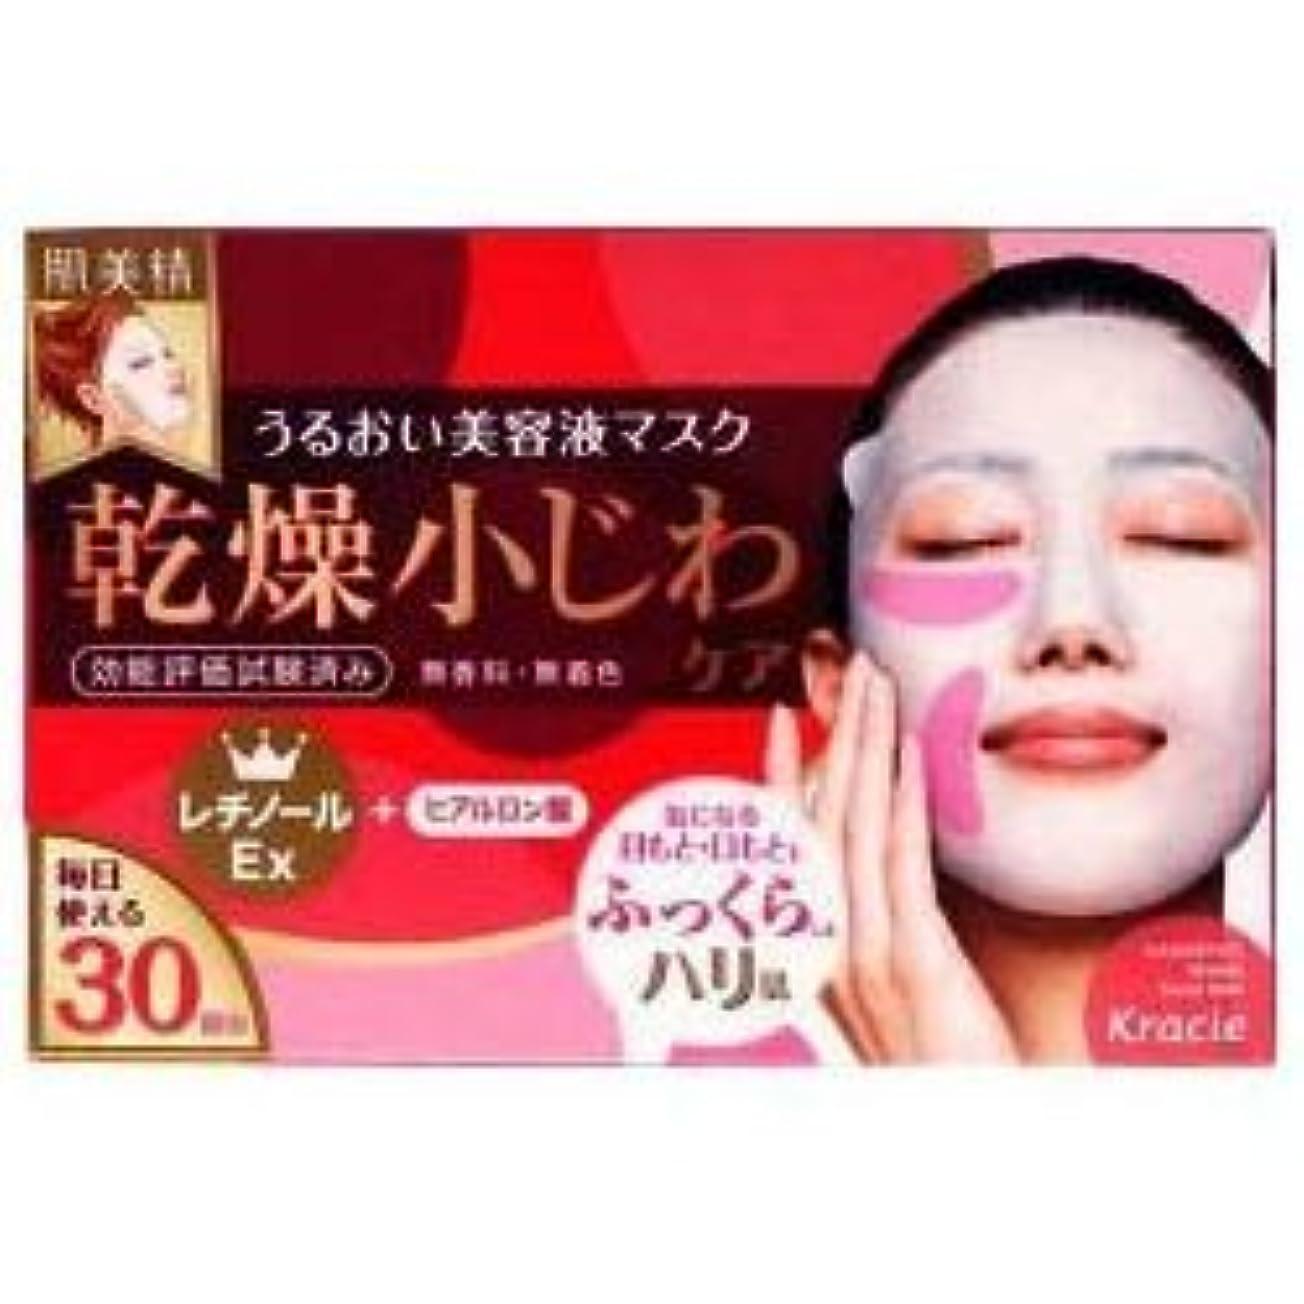 スカープ急いで誰が【クラシエ】肌美精 デイリーリンクルケア美容液マスク 30枚 ×5個セット